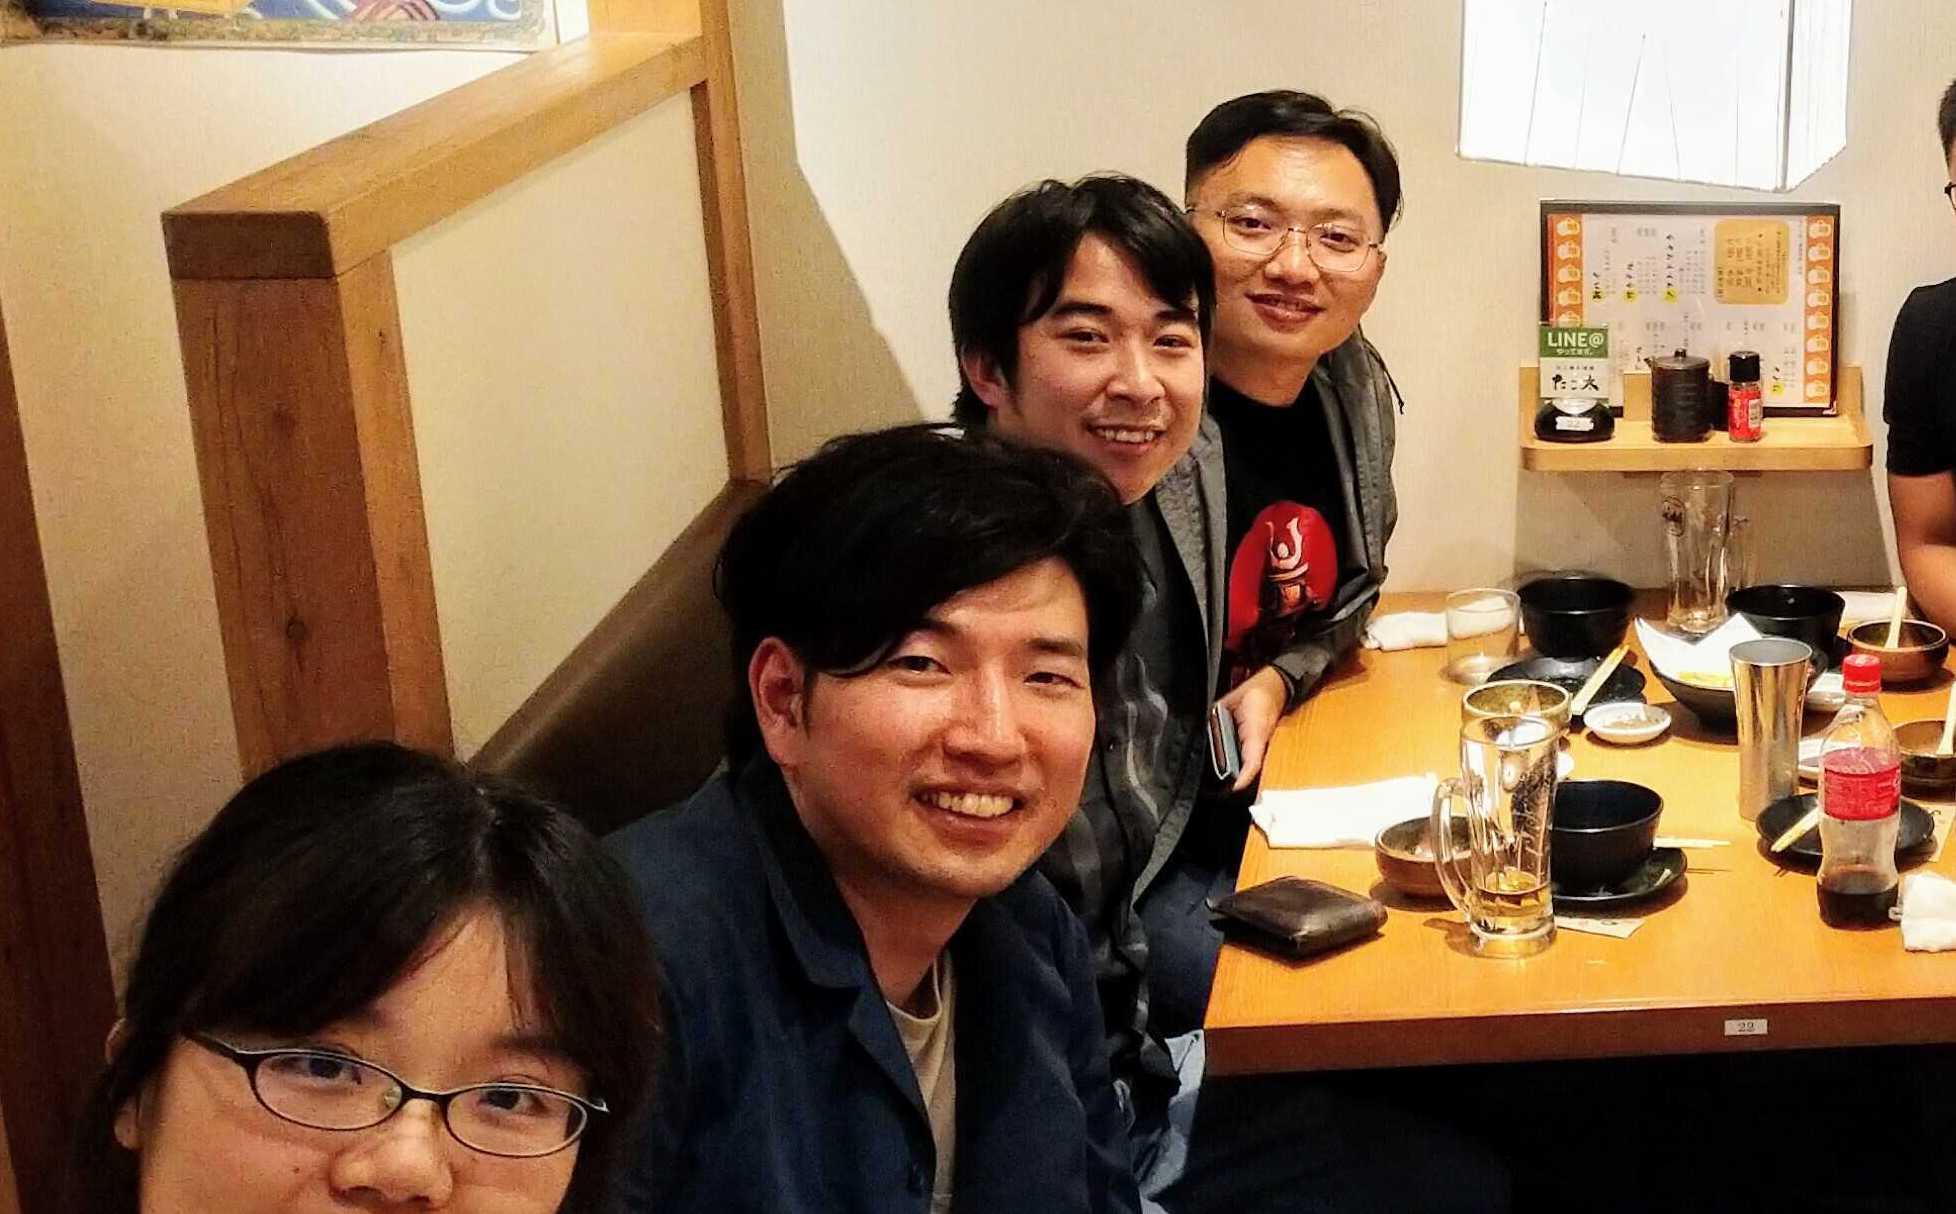 株式会社シェアウィズ 小西圭さんの写真